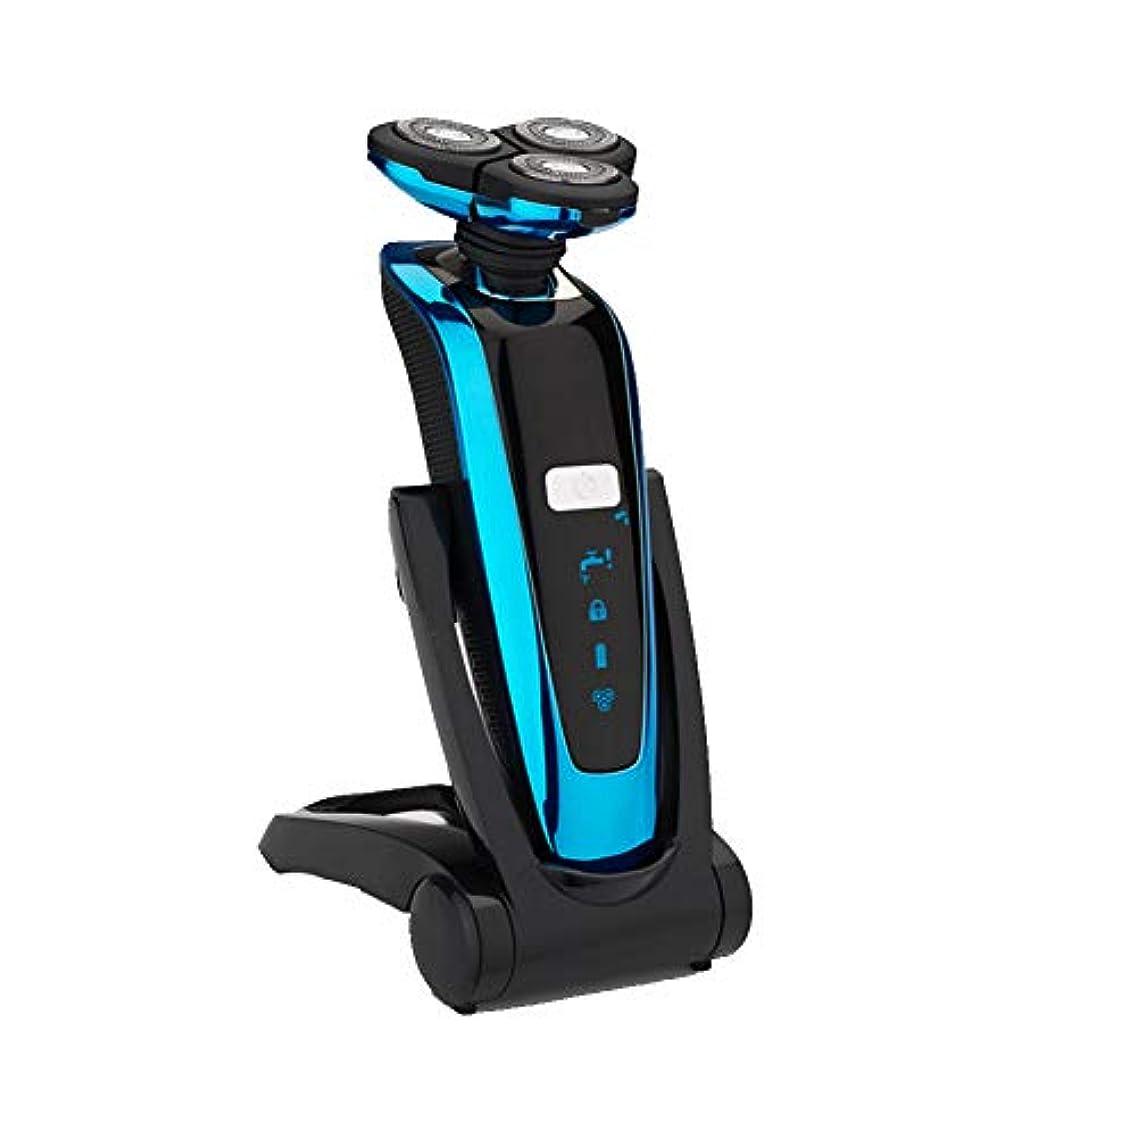 電気かみそり、ウェット&ドライメンズ電気ロータリーかみそり2019更新バージョン充電式防水コードレス多機能グルーミングキット,Blue